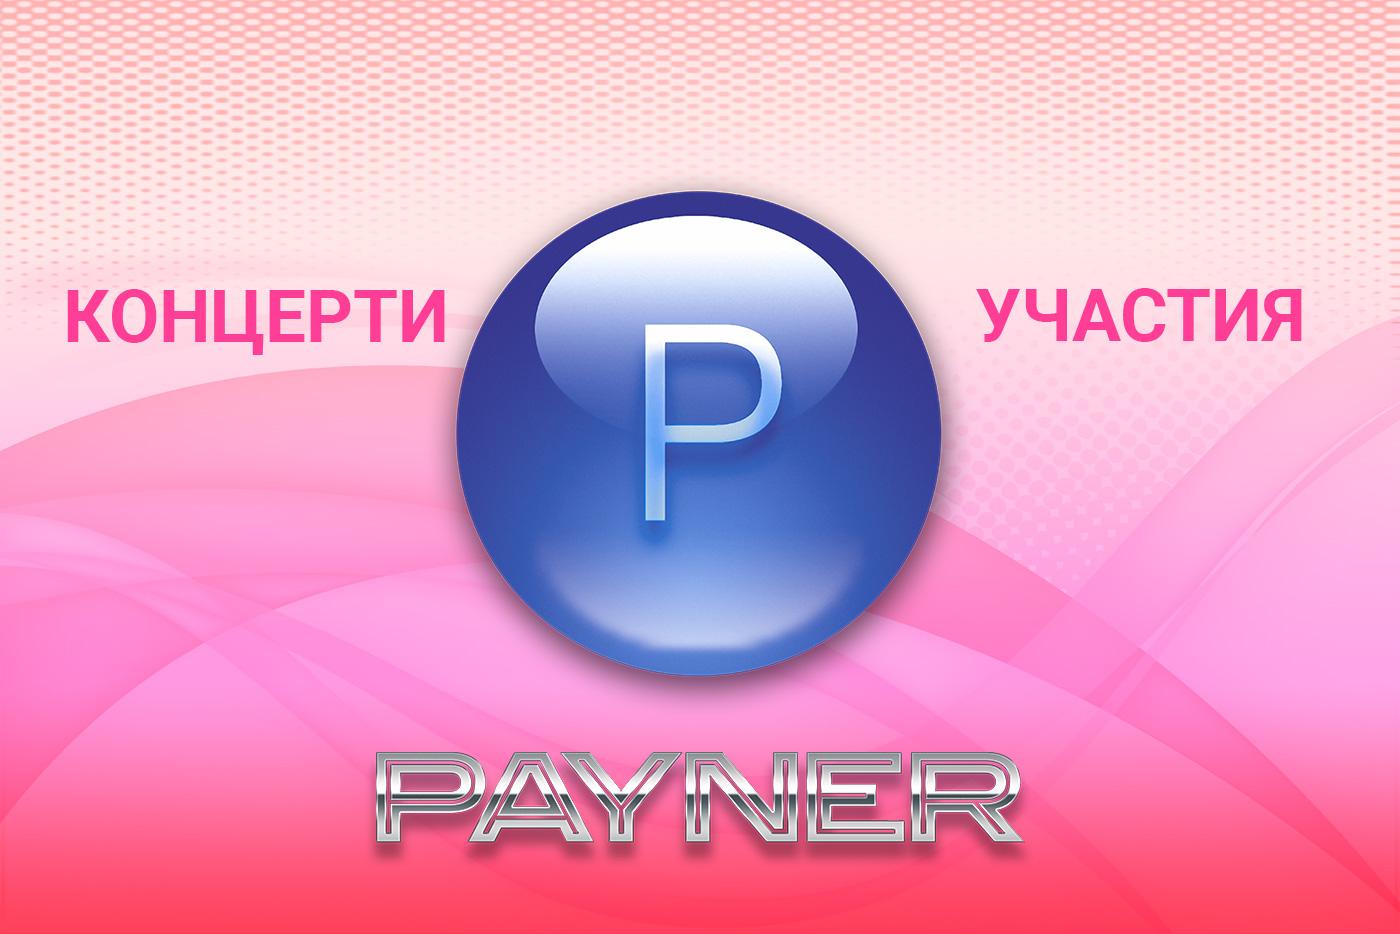 """Участия на звездите на """"Пайнер"""" на 17.12.2019"""